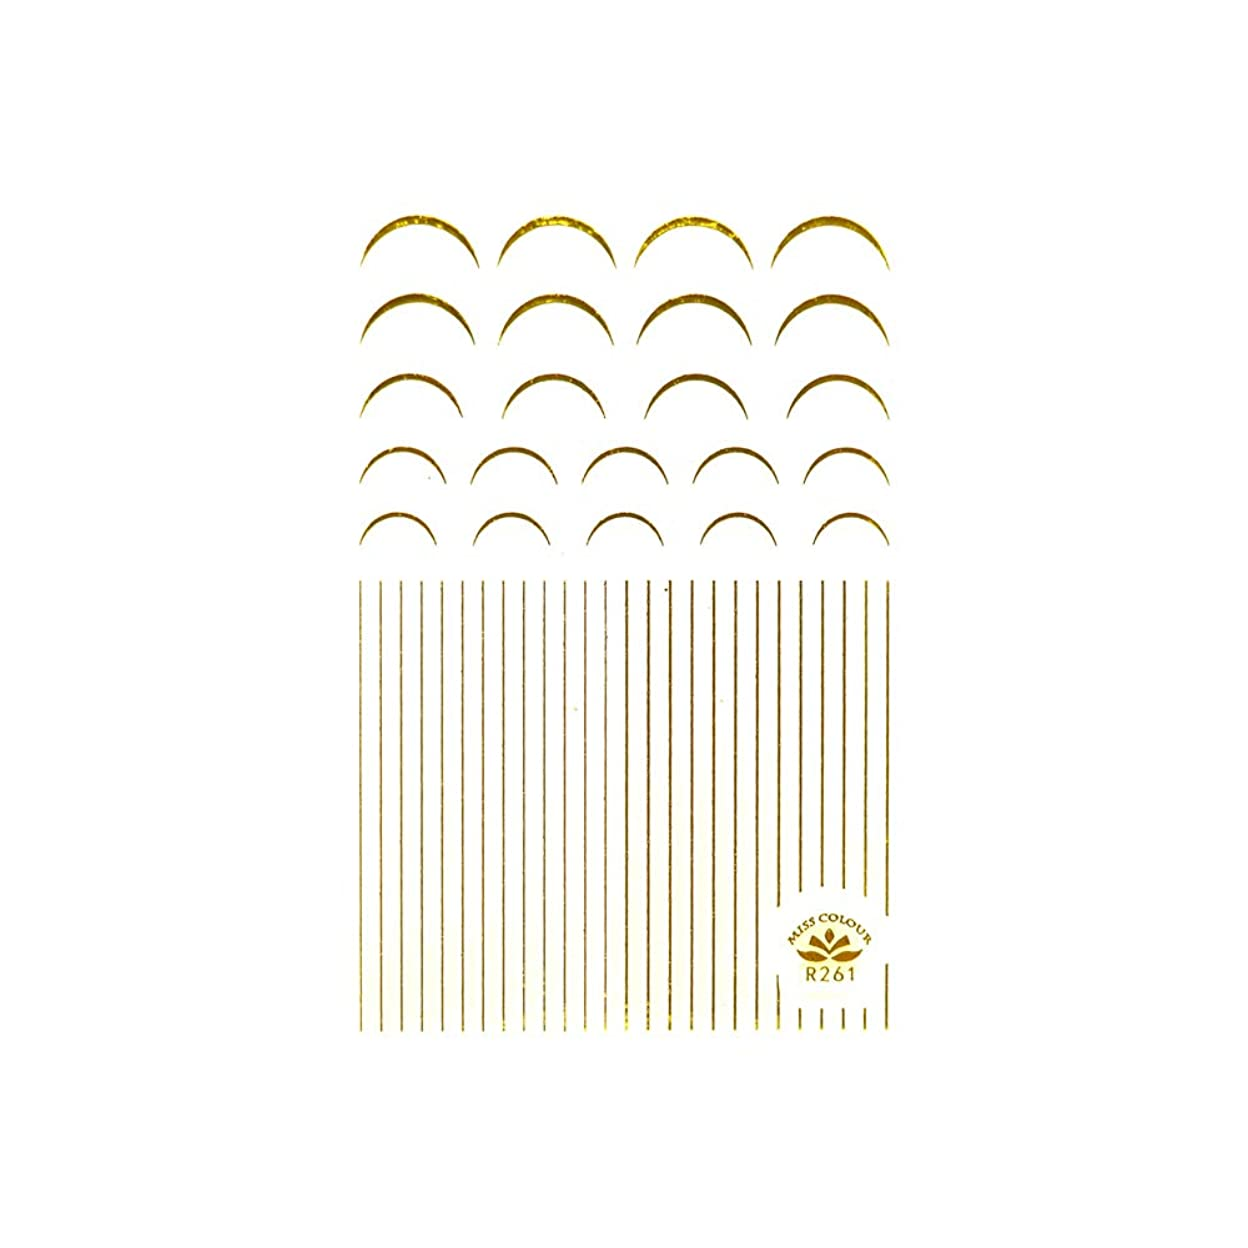 過激派保育園服ネイルシール 極細ライン&フレンチシール ゴールド ネイルシール ライン カーブ ネイルアート